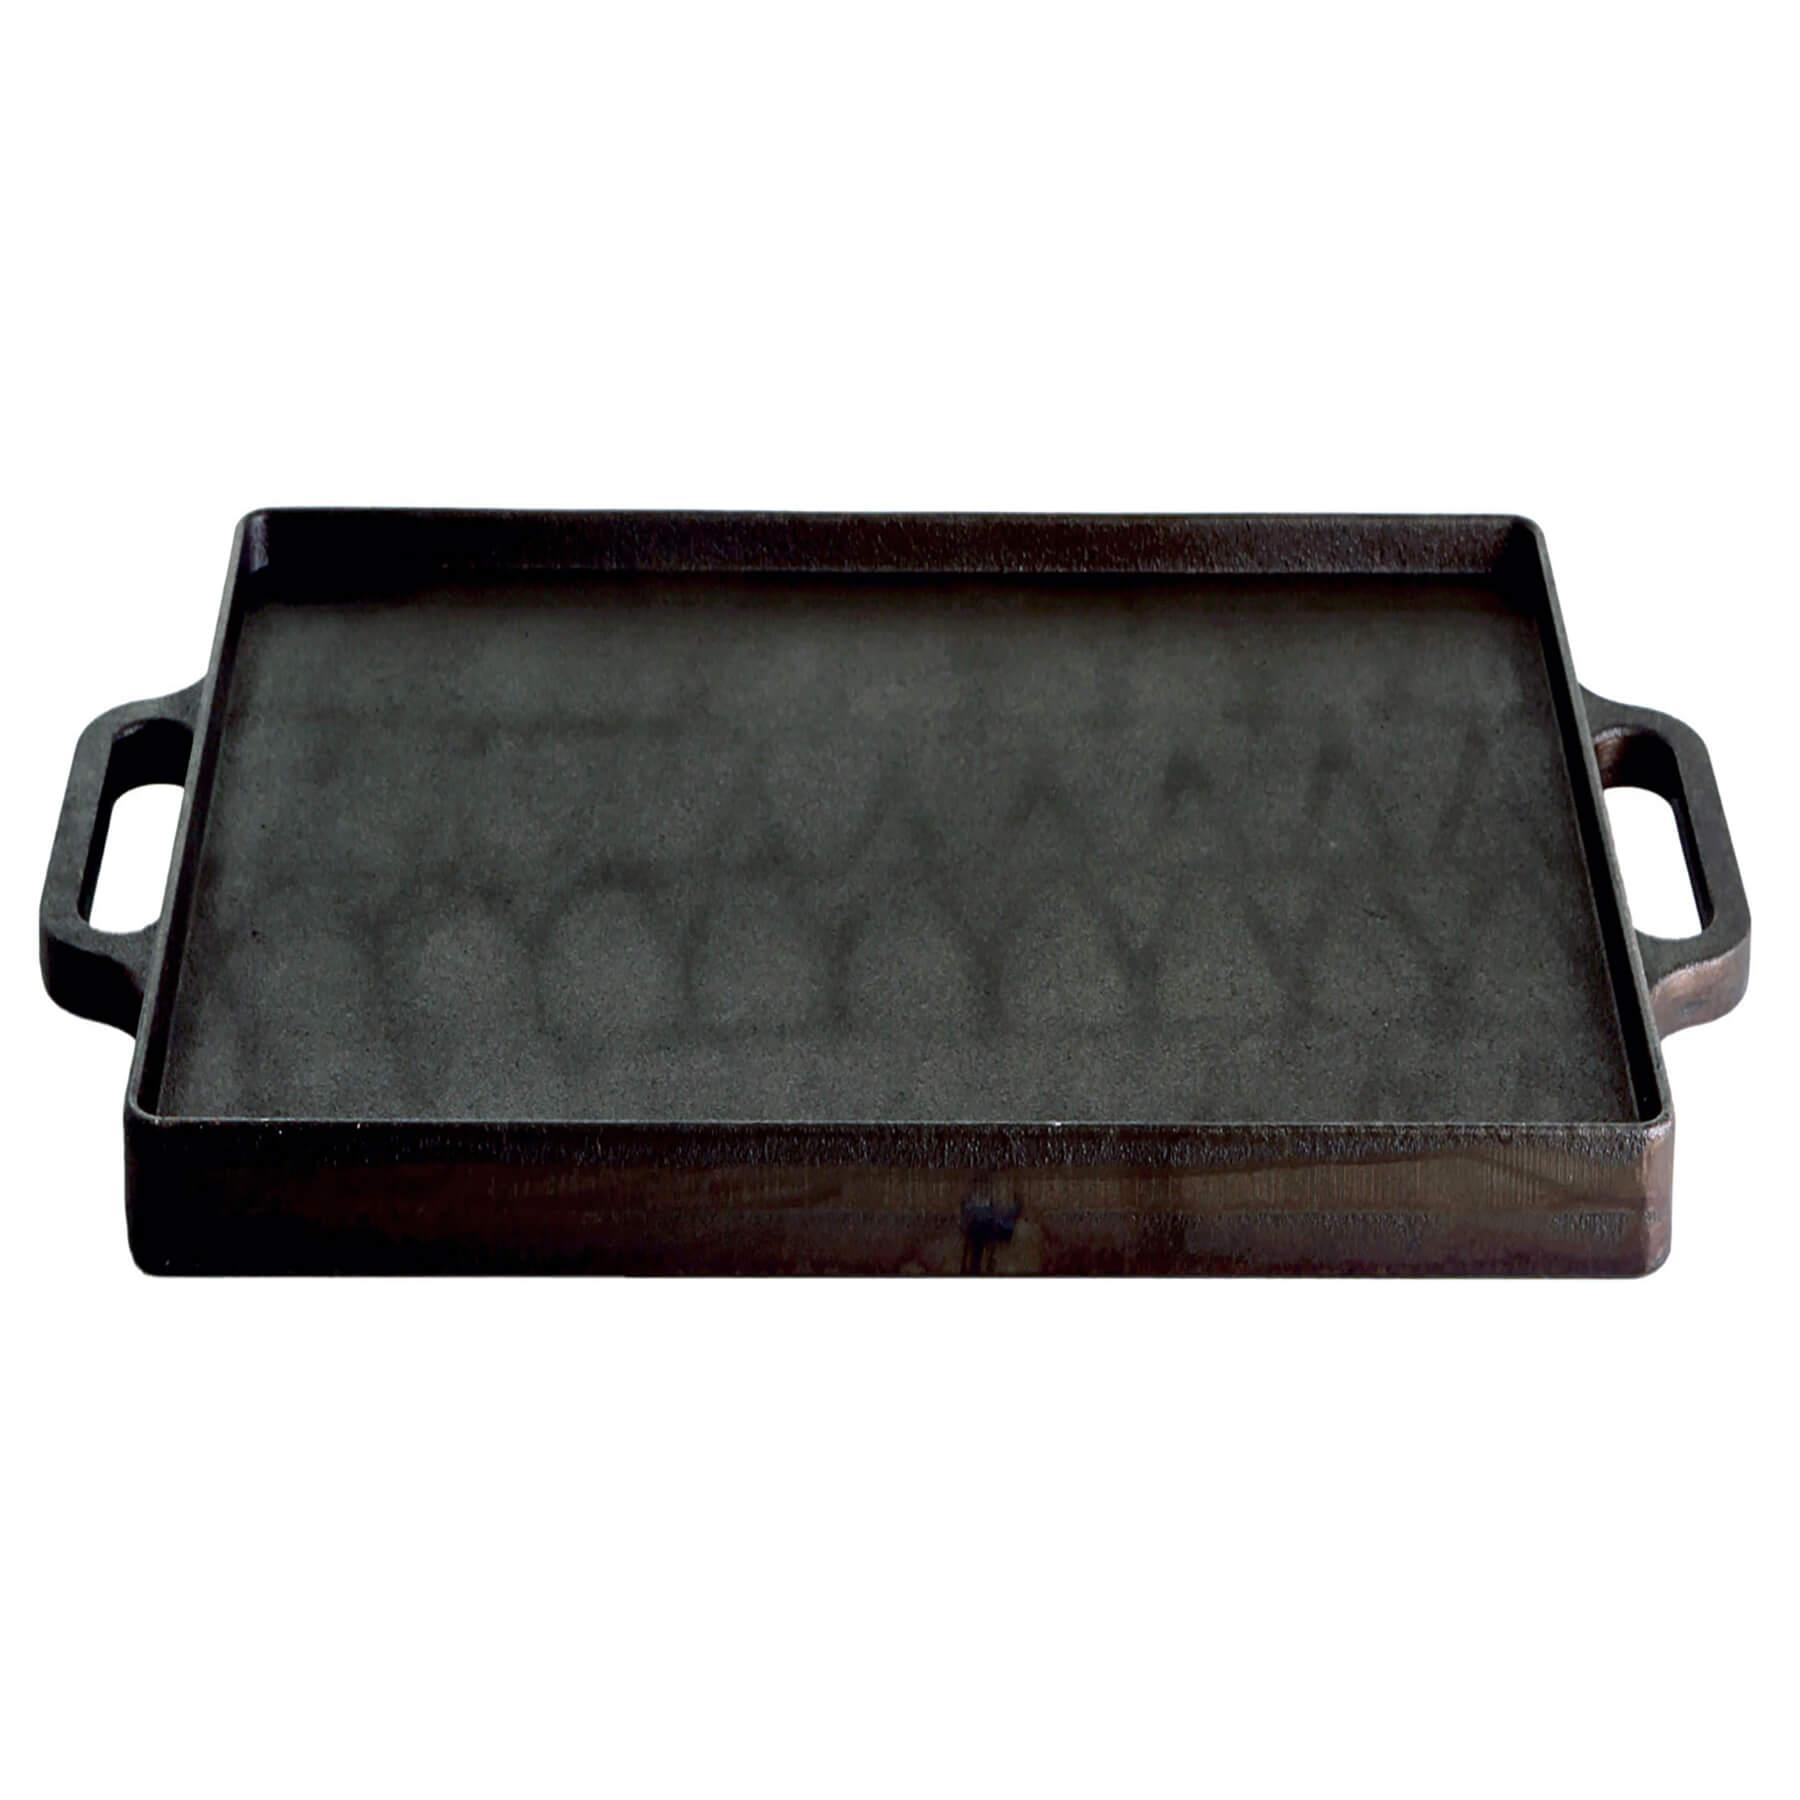 Grillplatte (Plancha) aus Gusseisen, 32 x 32 cm Bild 1